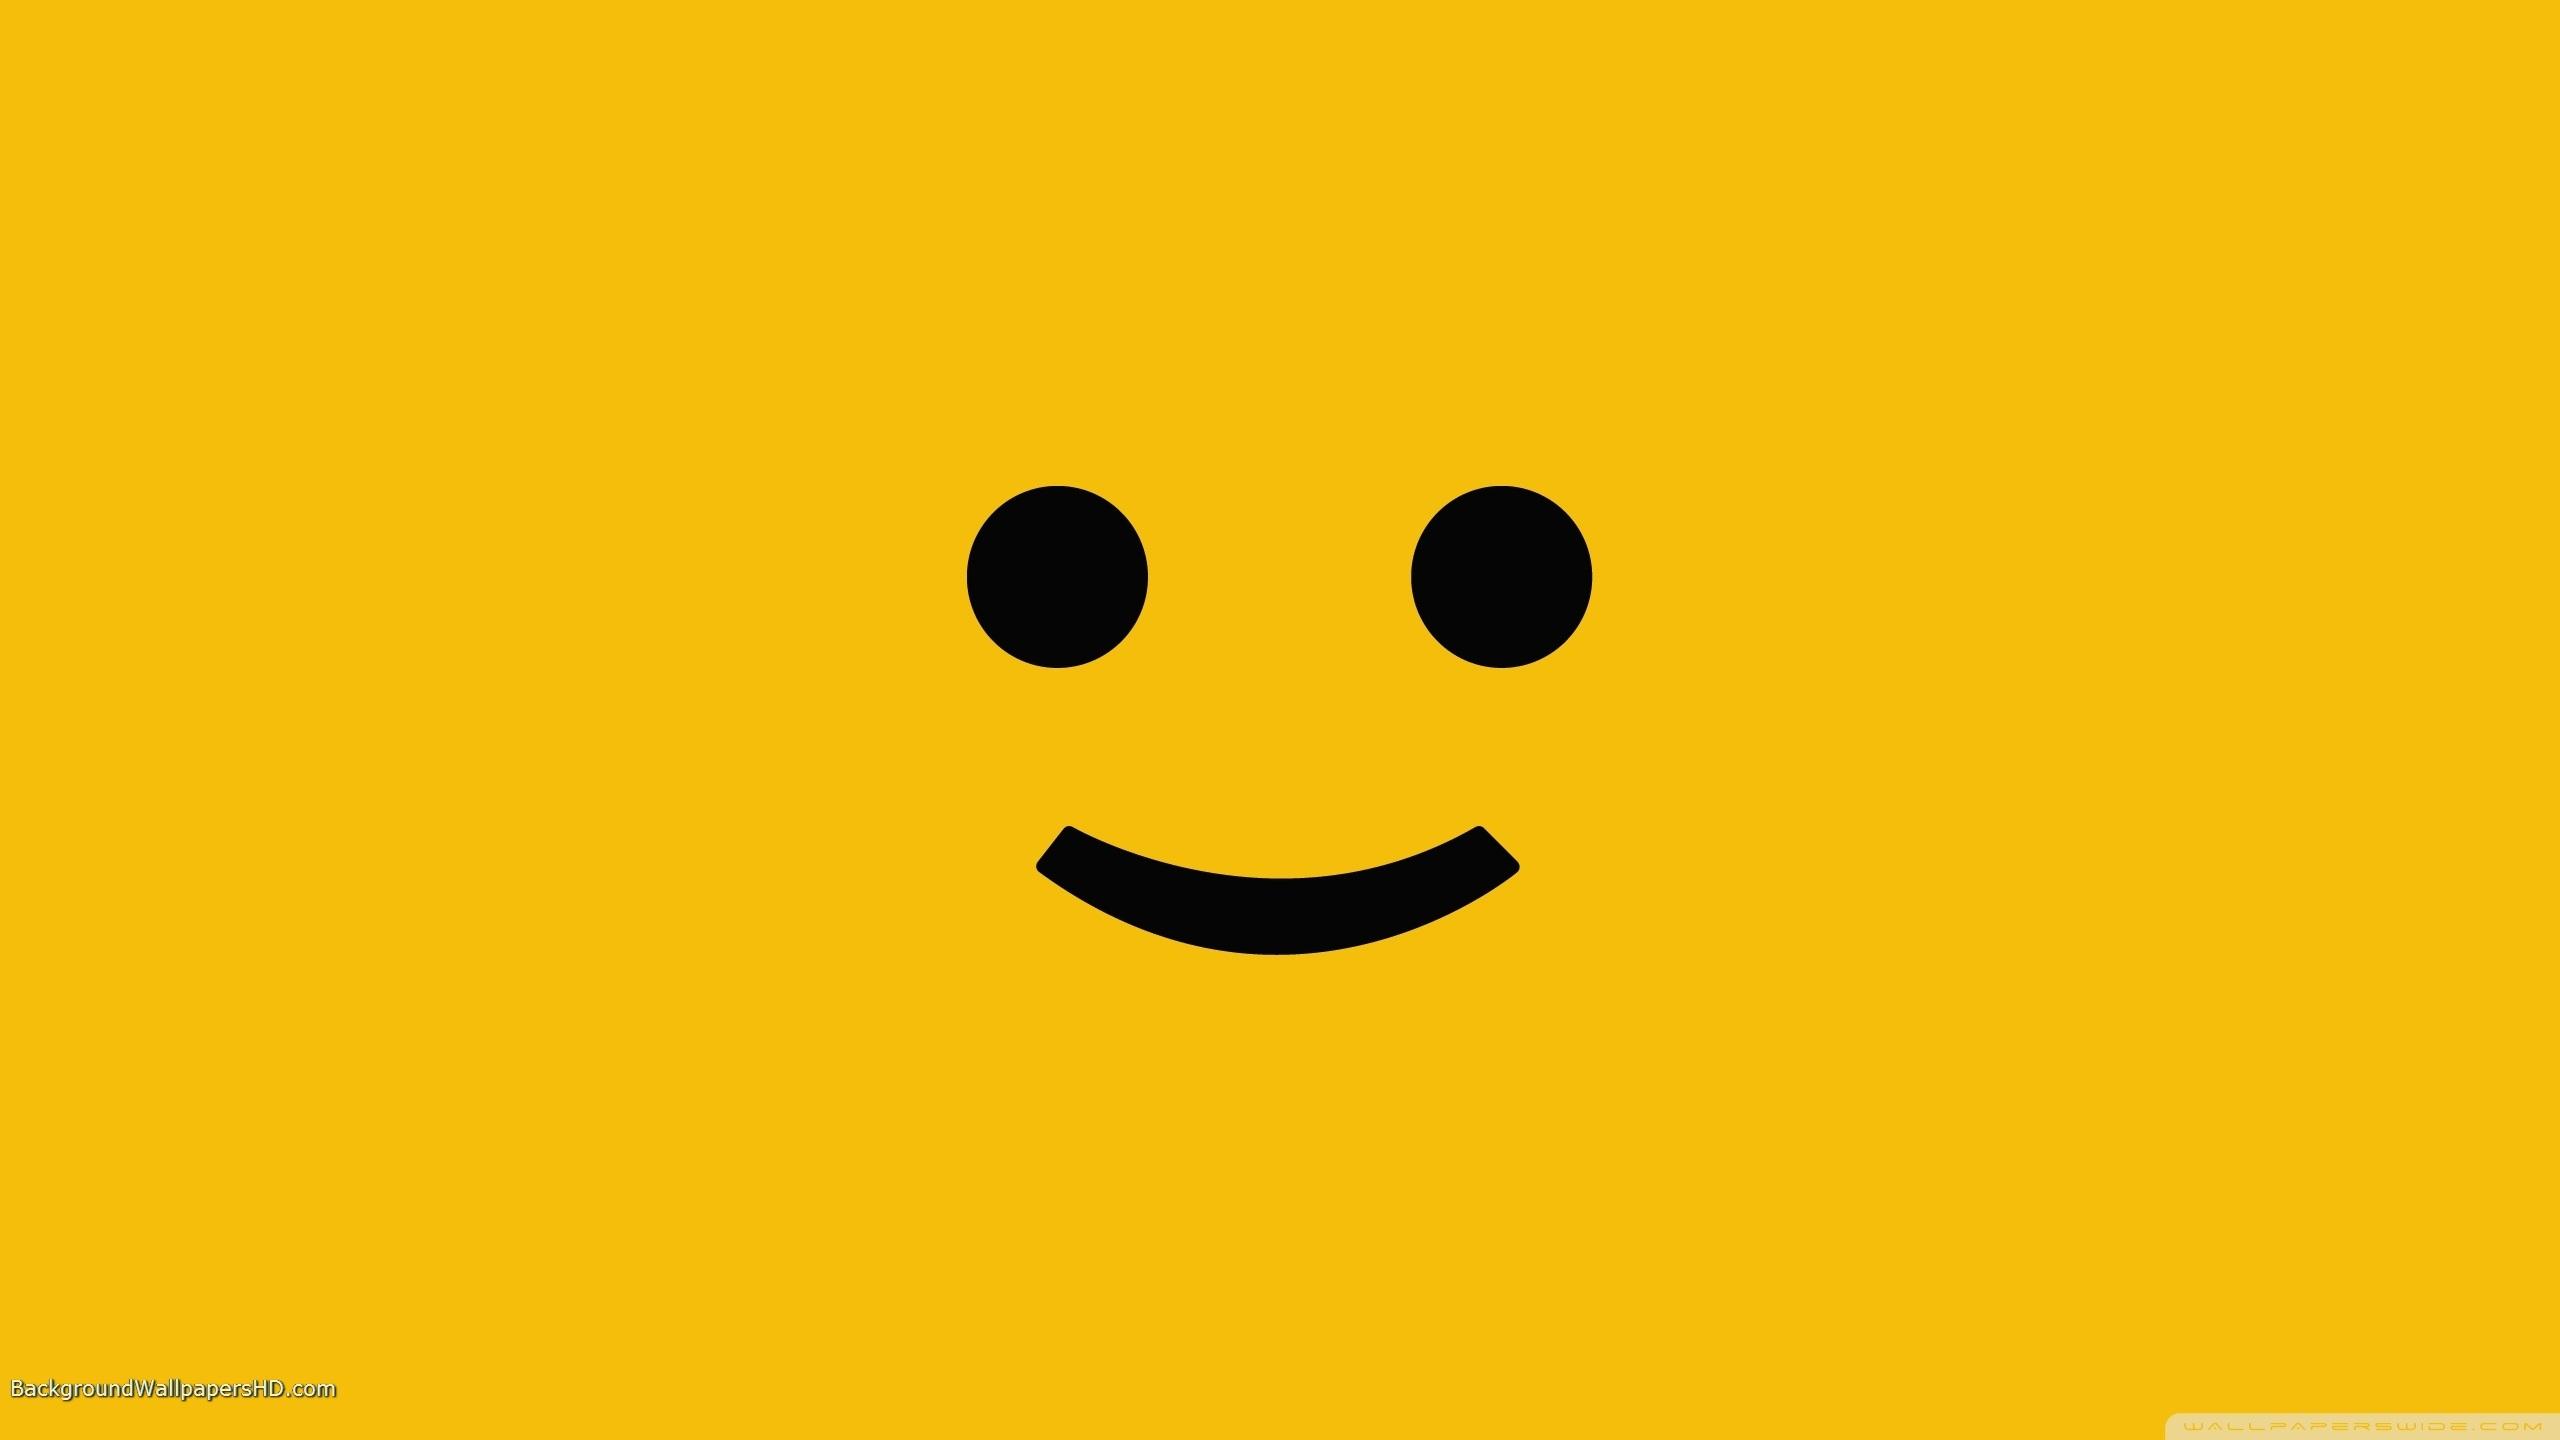 Smiley Face Background Animated Gifs | Photobucket